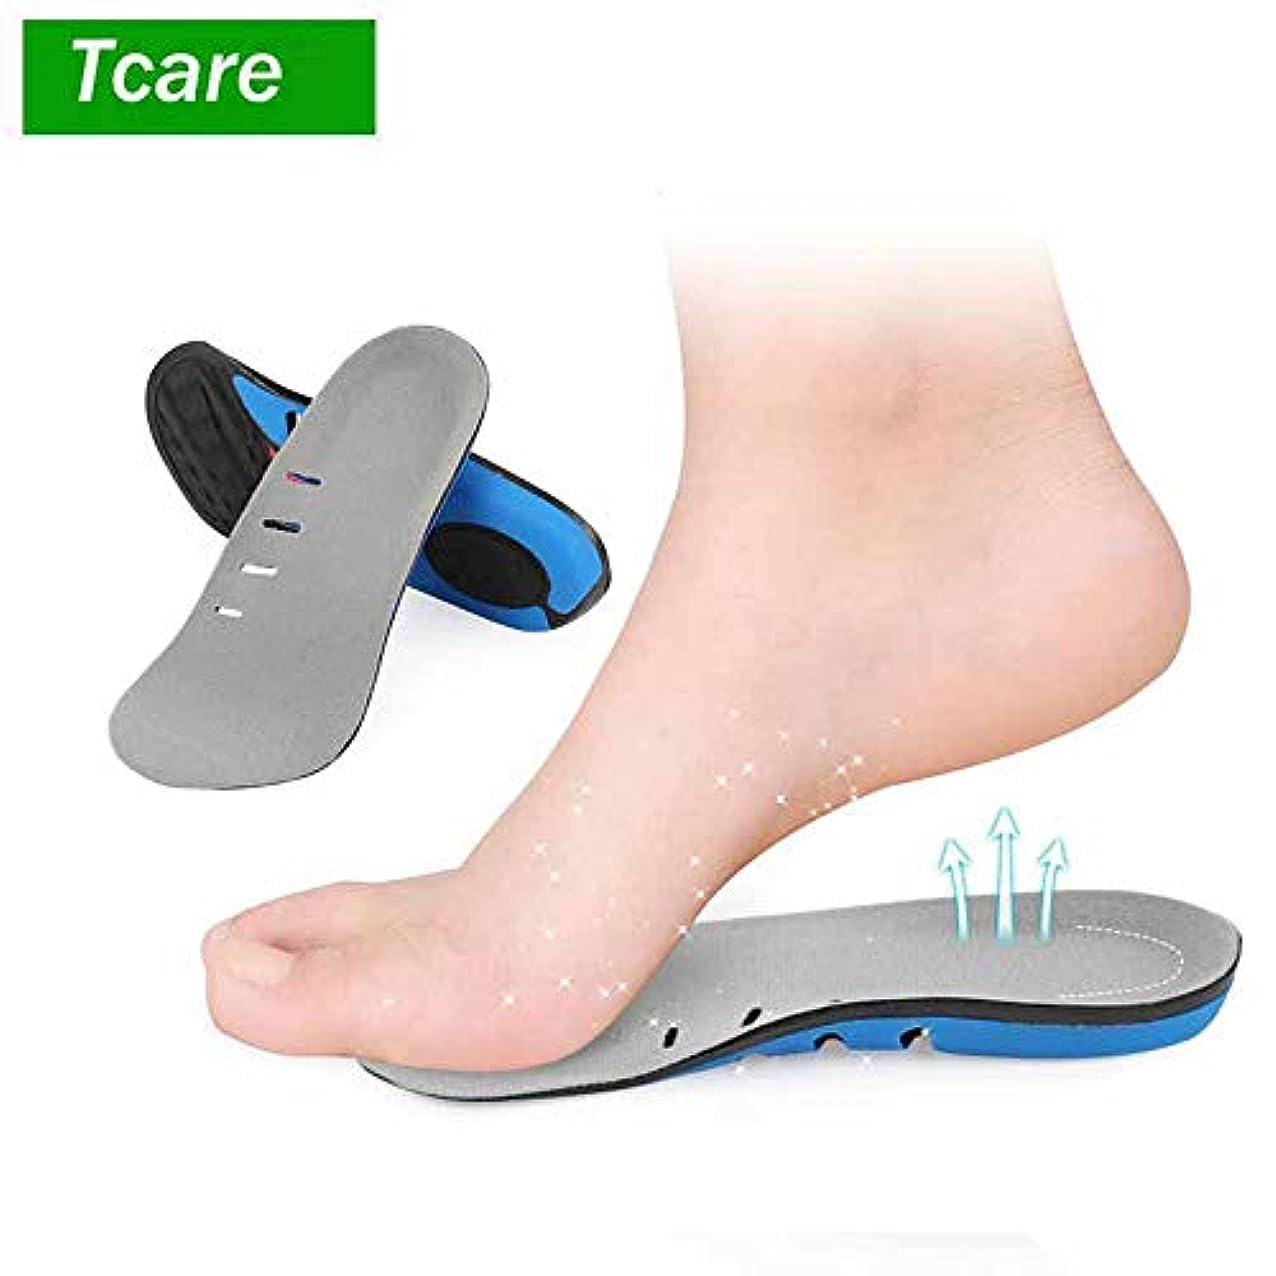 ましい郡ワーカー靴のマッサージシューズのインソールは、男性用/女性用の足底筋膜炎用インソール